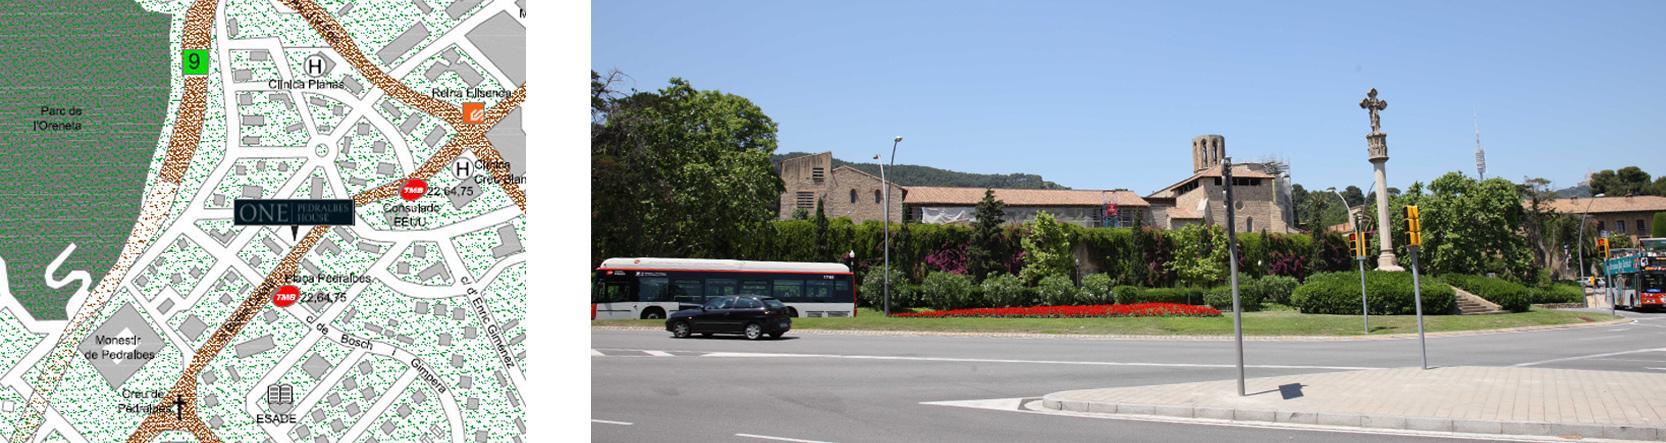 монастырь в Педральбесе. Элитная недвижимость в барселоне